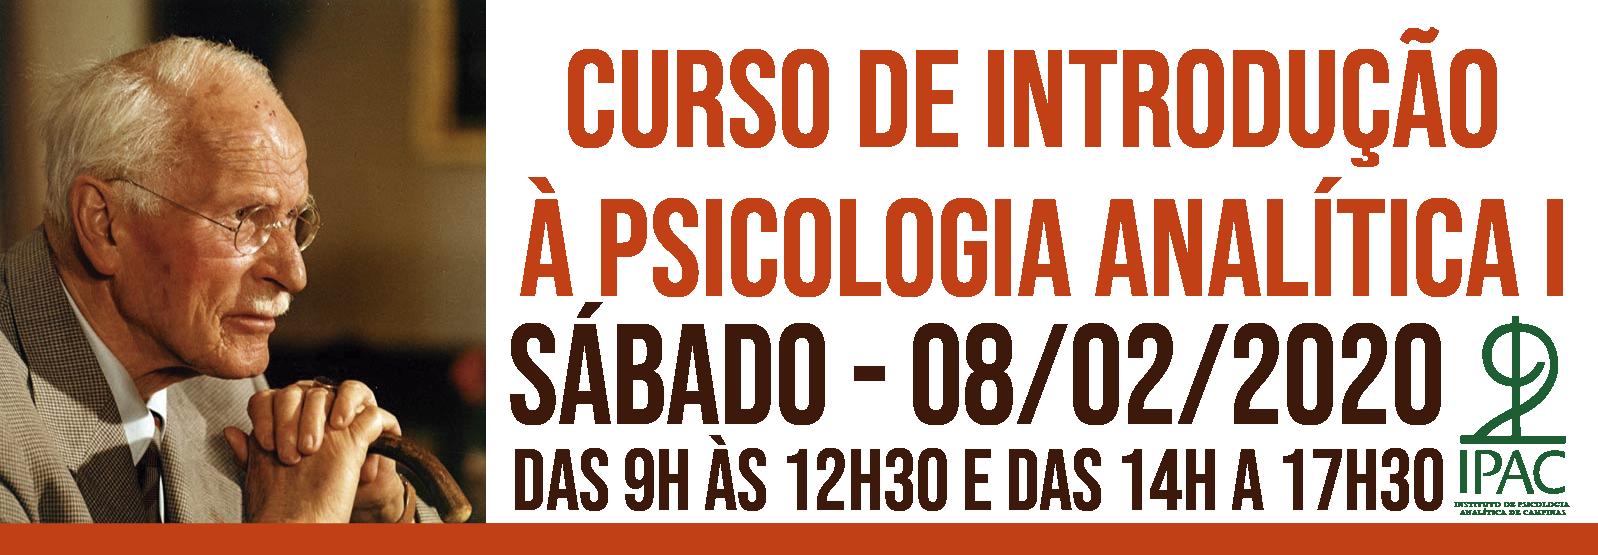 Curso de Introdução a Psicologia Analítica